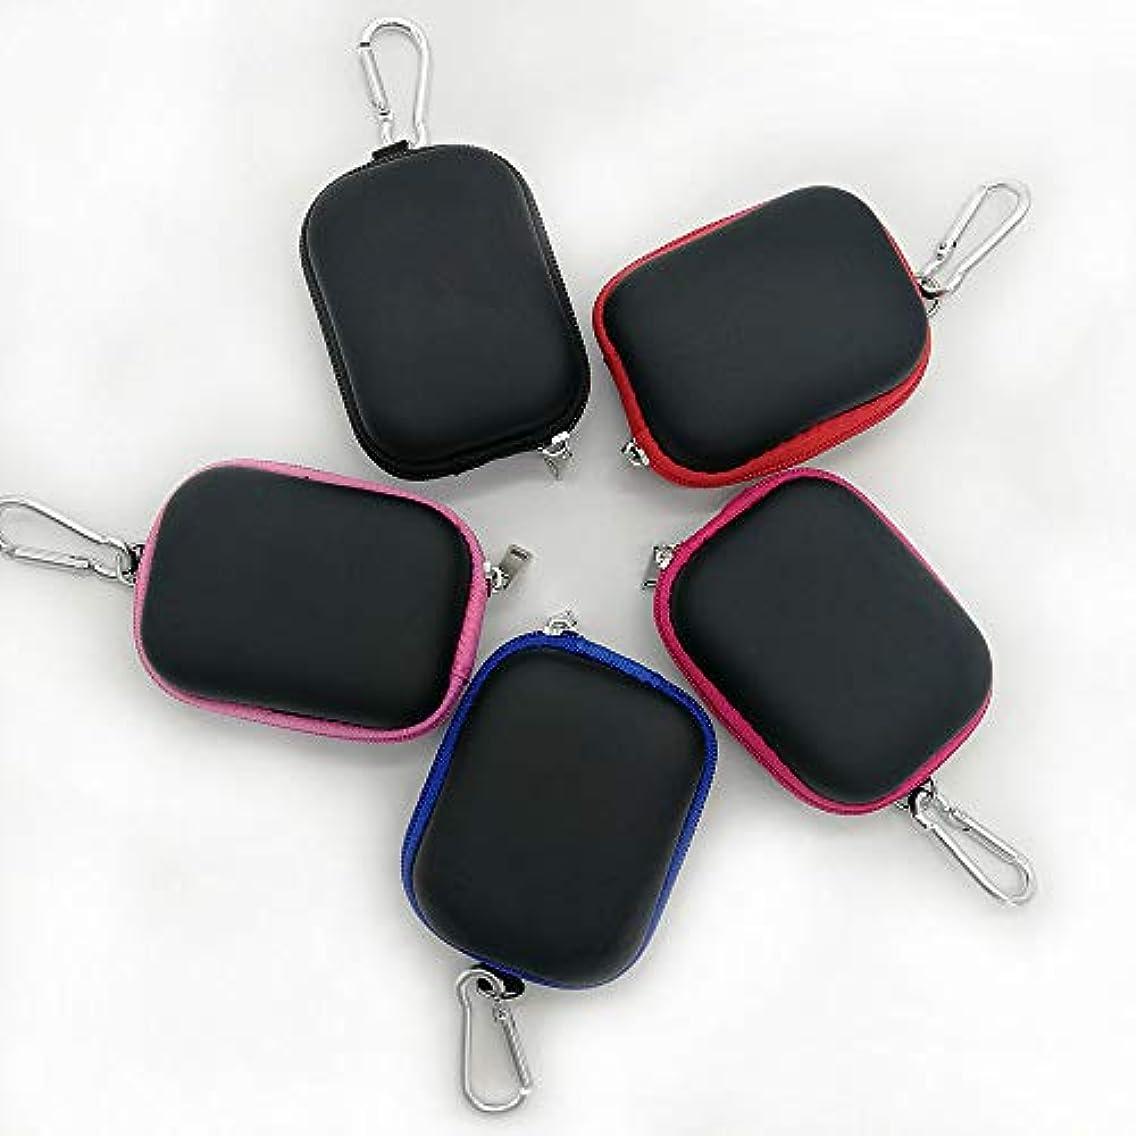 ジュラシックパーク選出するペイントDecdeal ポータブルエッセンシャルオイルバッグ エッセンシャルオイルポーチ 精油ケース エッセンシャルオイル収納袋 6本用 3ML 携帯用 耐震 携帯便利